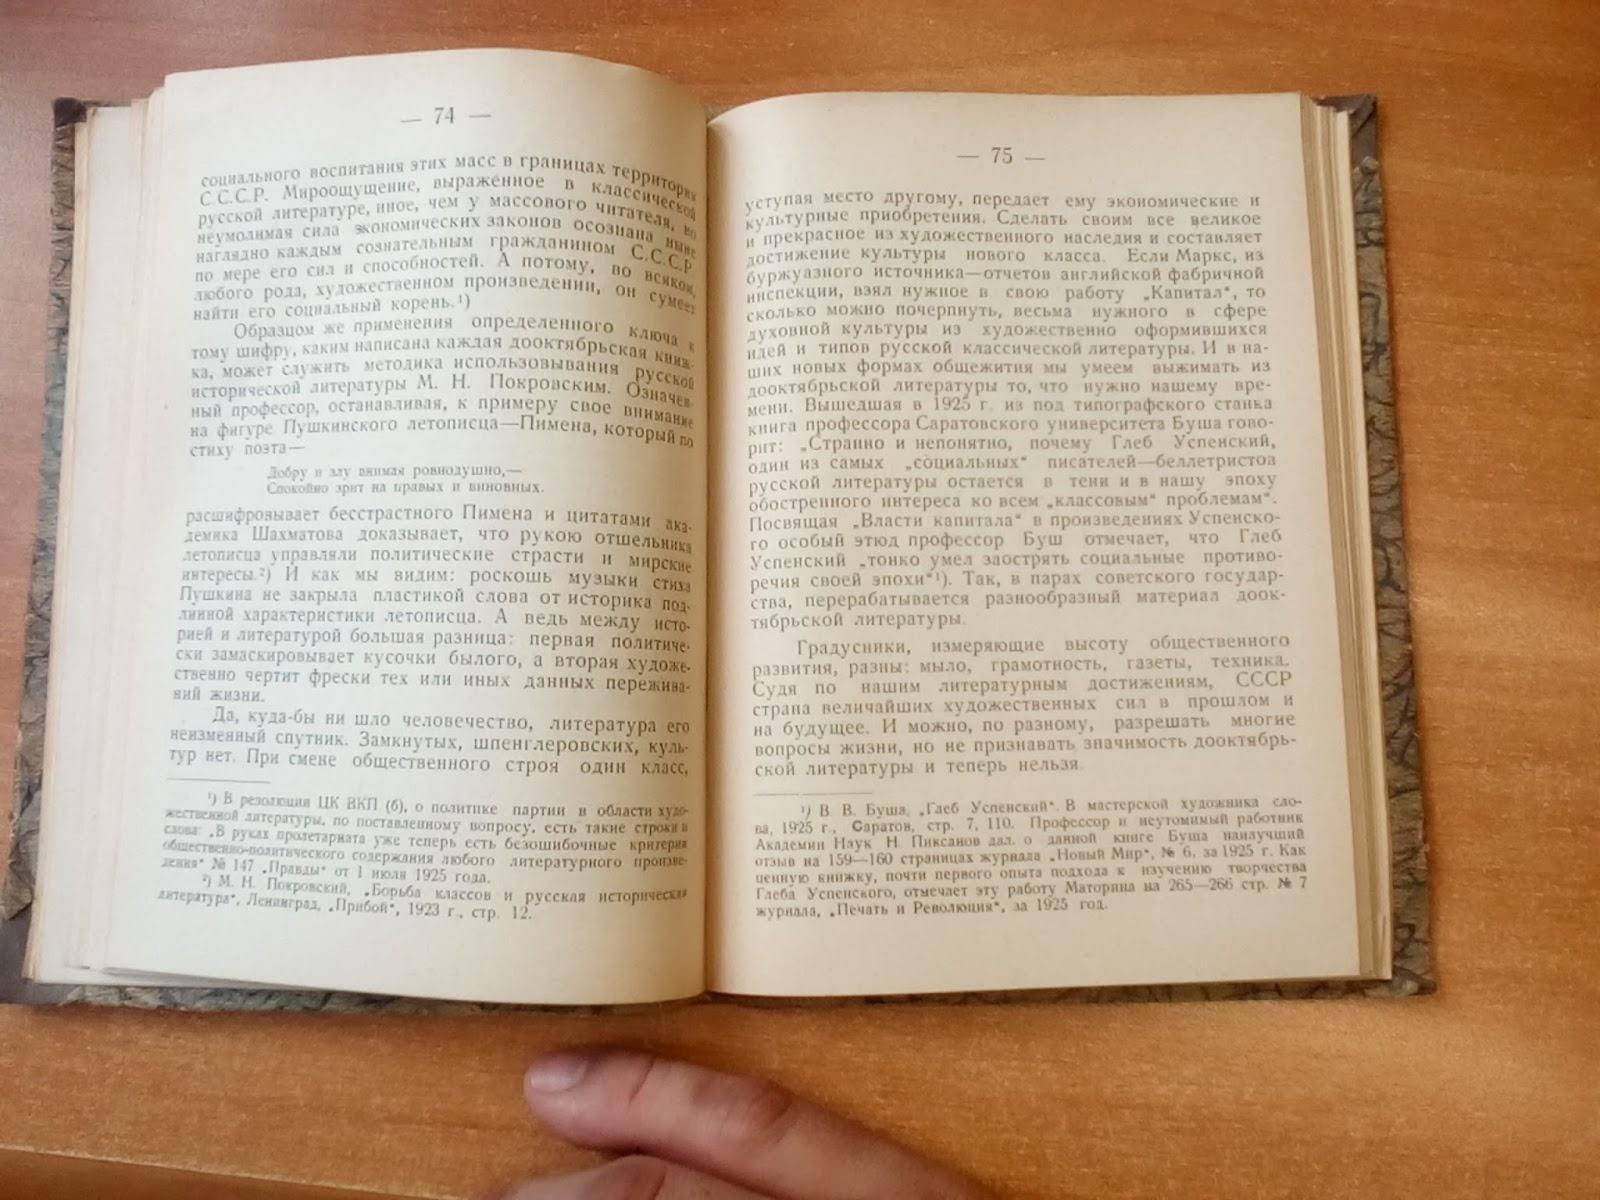 аксессуары для кубинские книги на русском языке топ осуществляет мониторинг данных